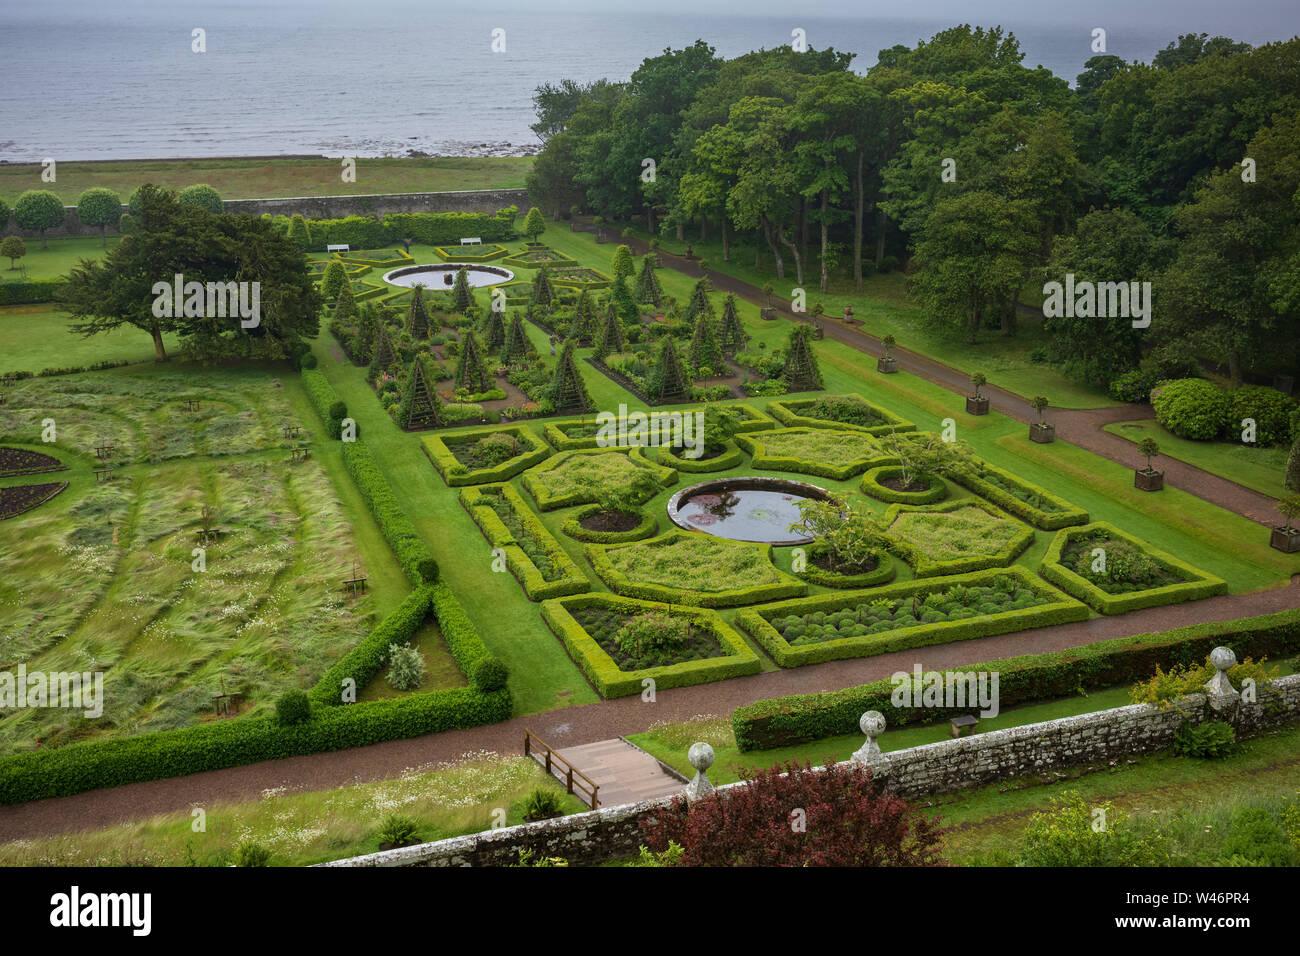 Los jardines de Dunrobin Castle, una casa solariega en Sutherland, en las Highlands escocesas a lo largo de la North-Coast-500. Foto de stock